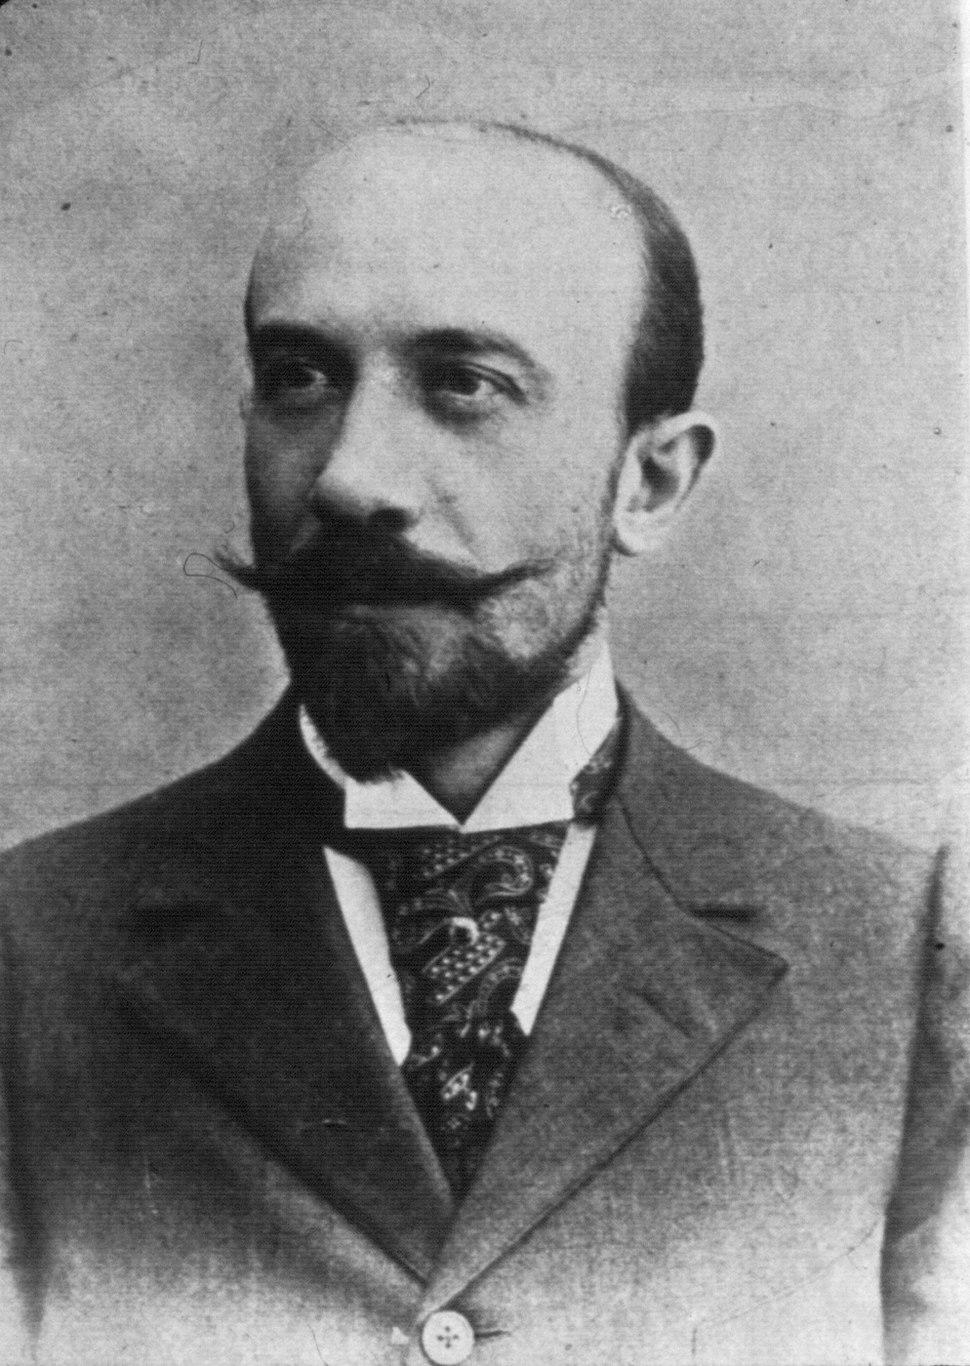 George Melies